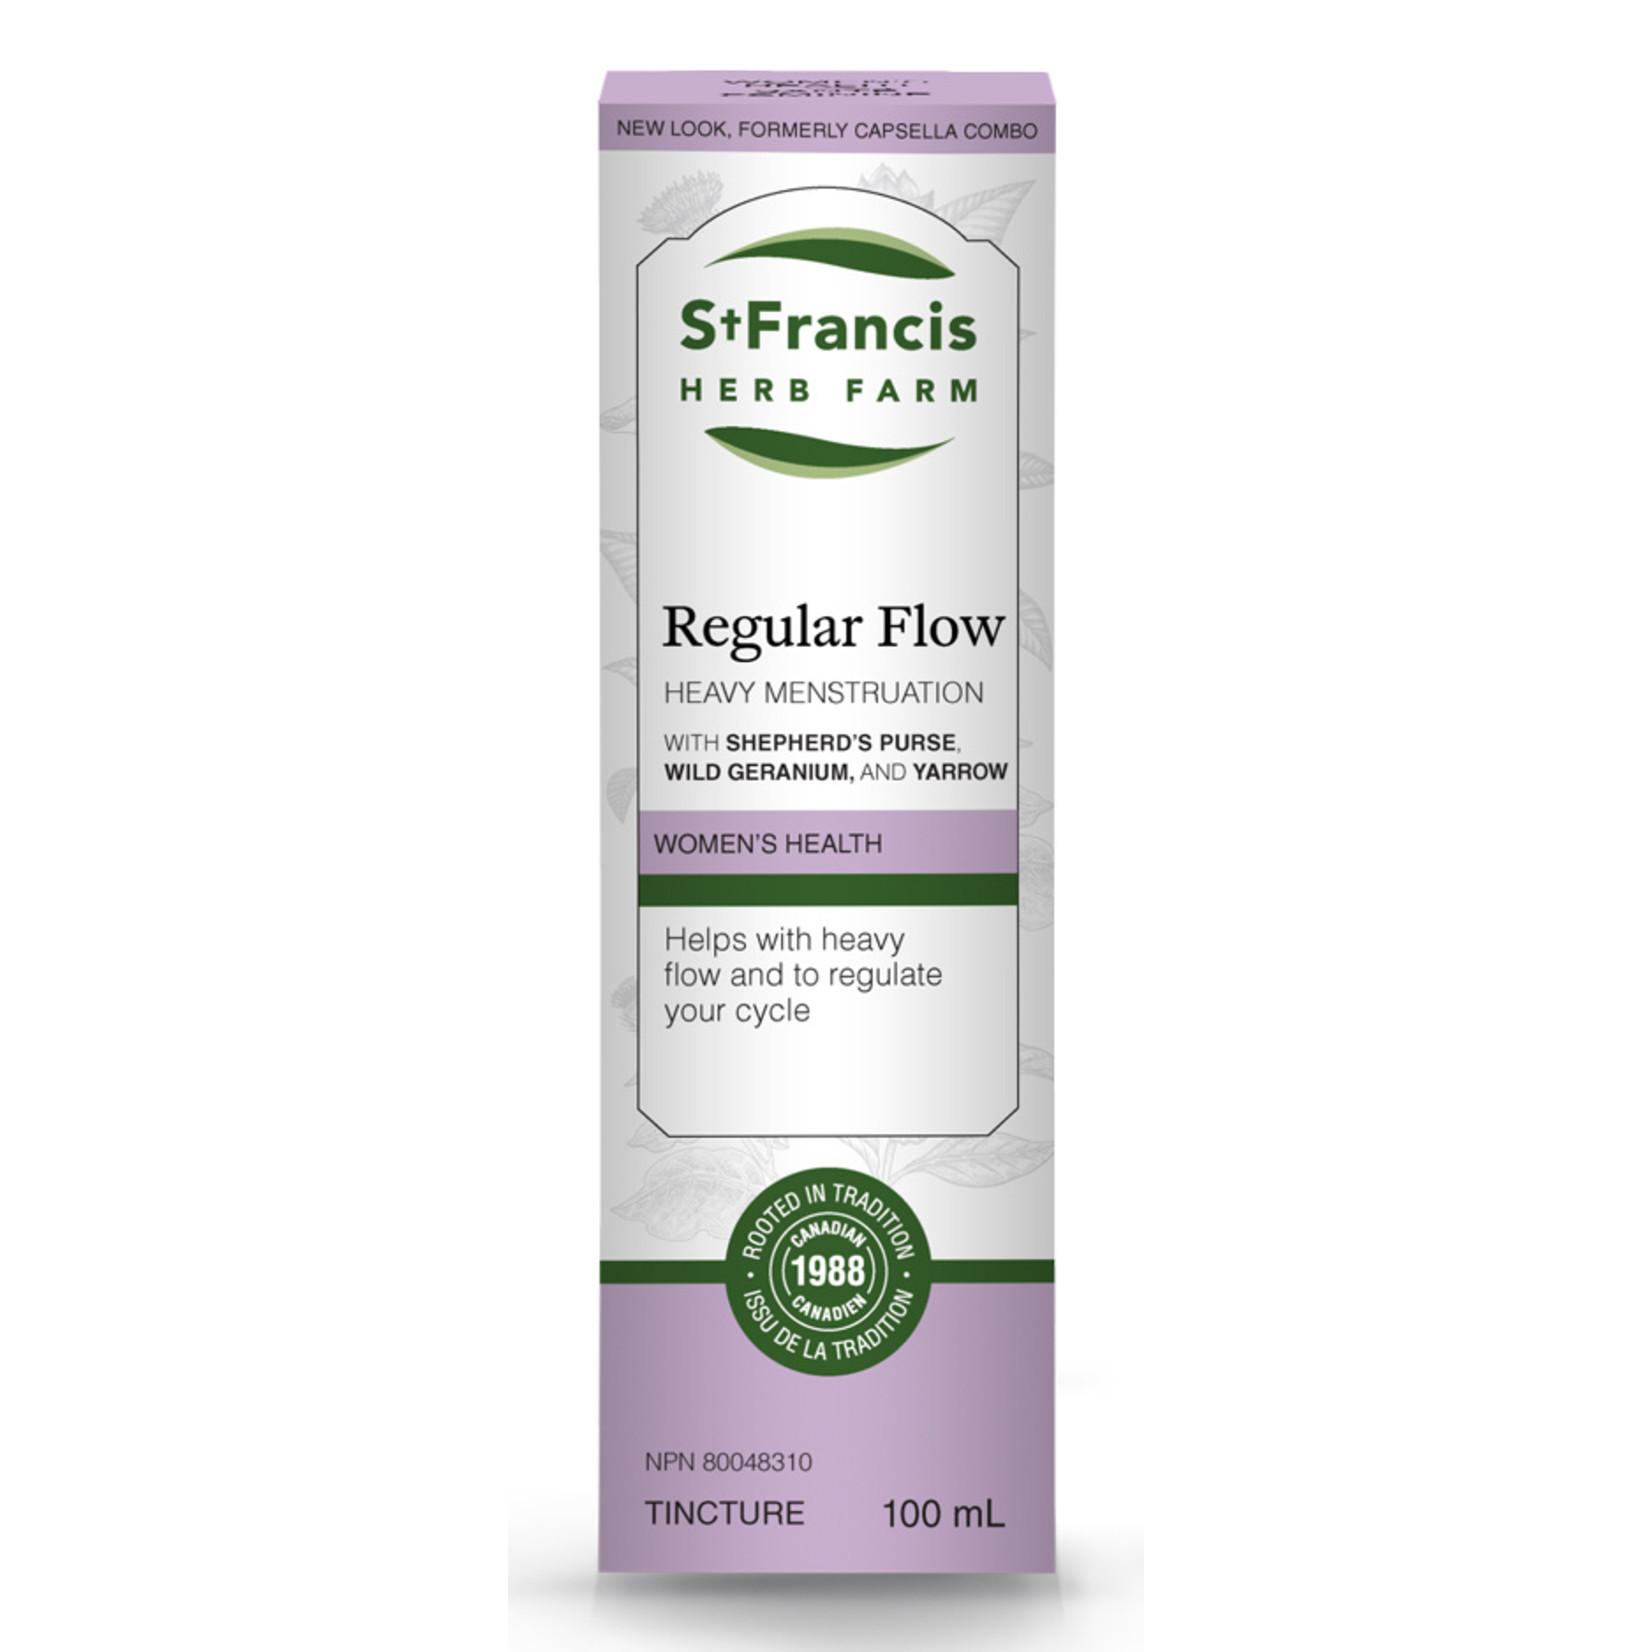 St Francis Regular Flow Heavy Menstruation 100ml